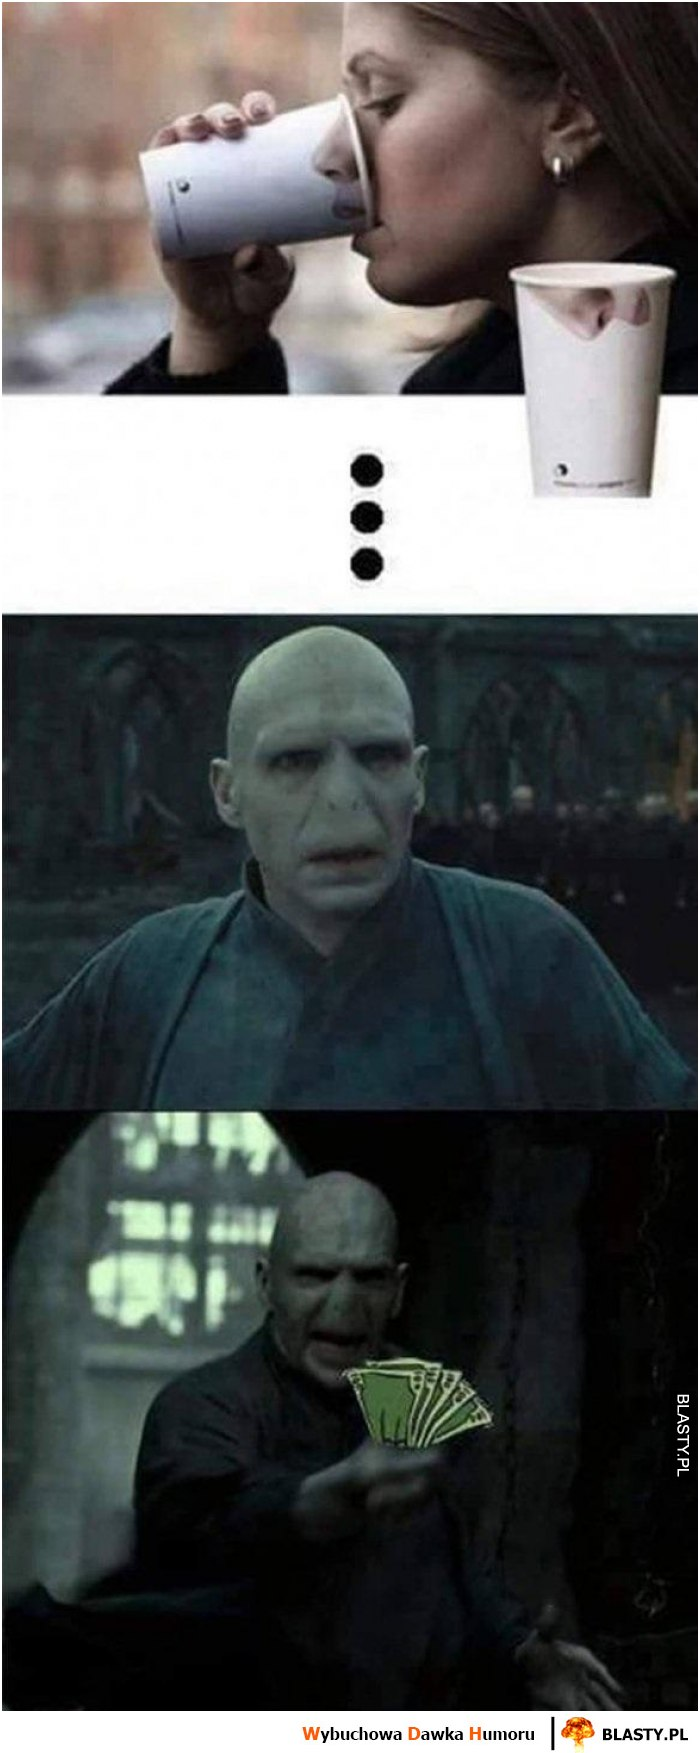 Brak nosa